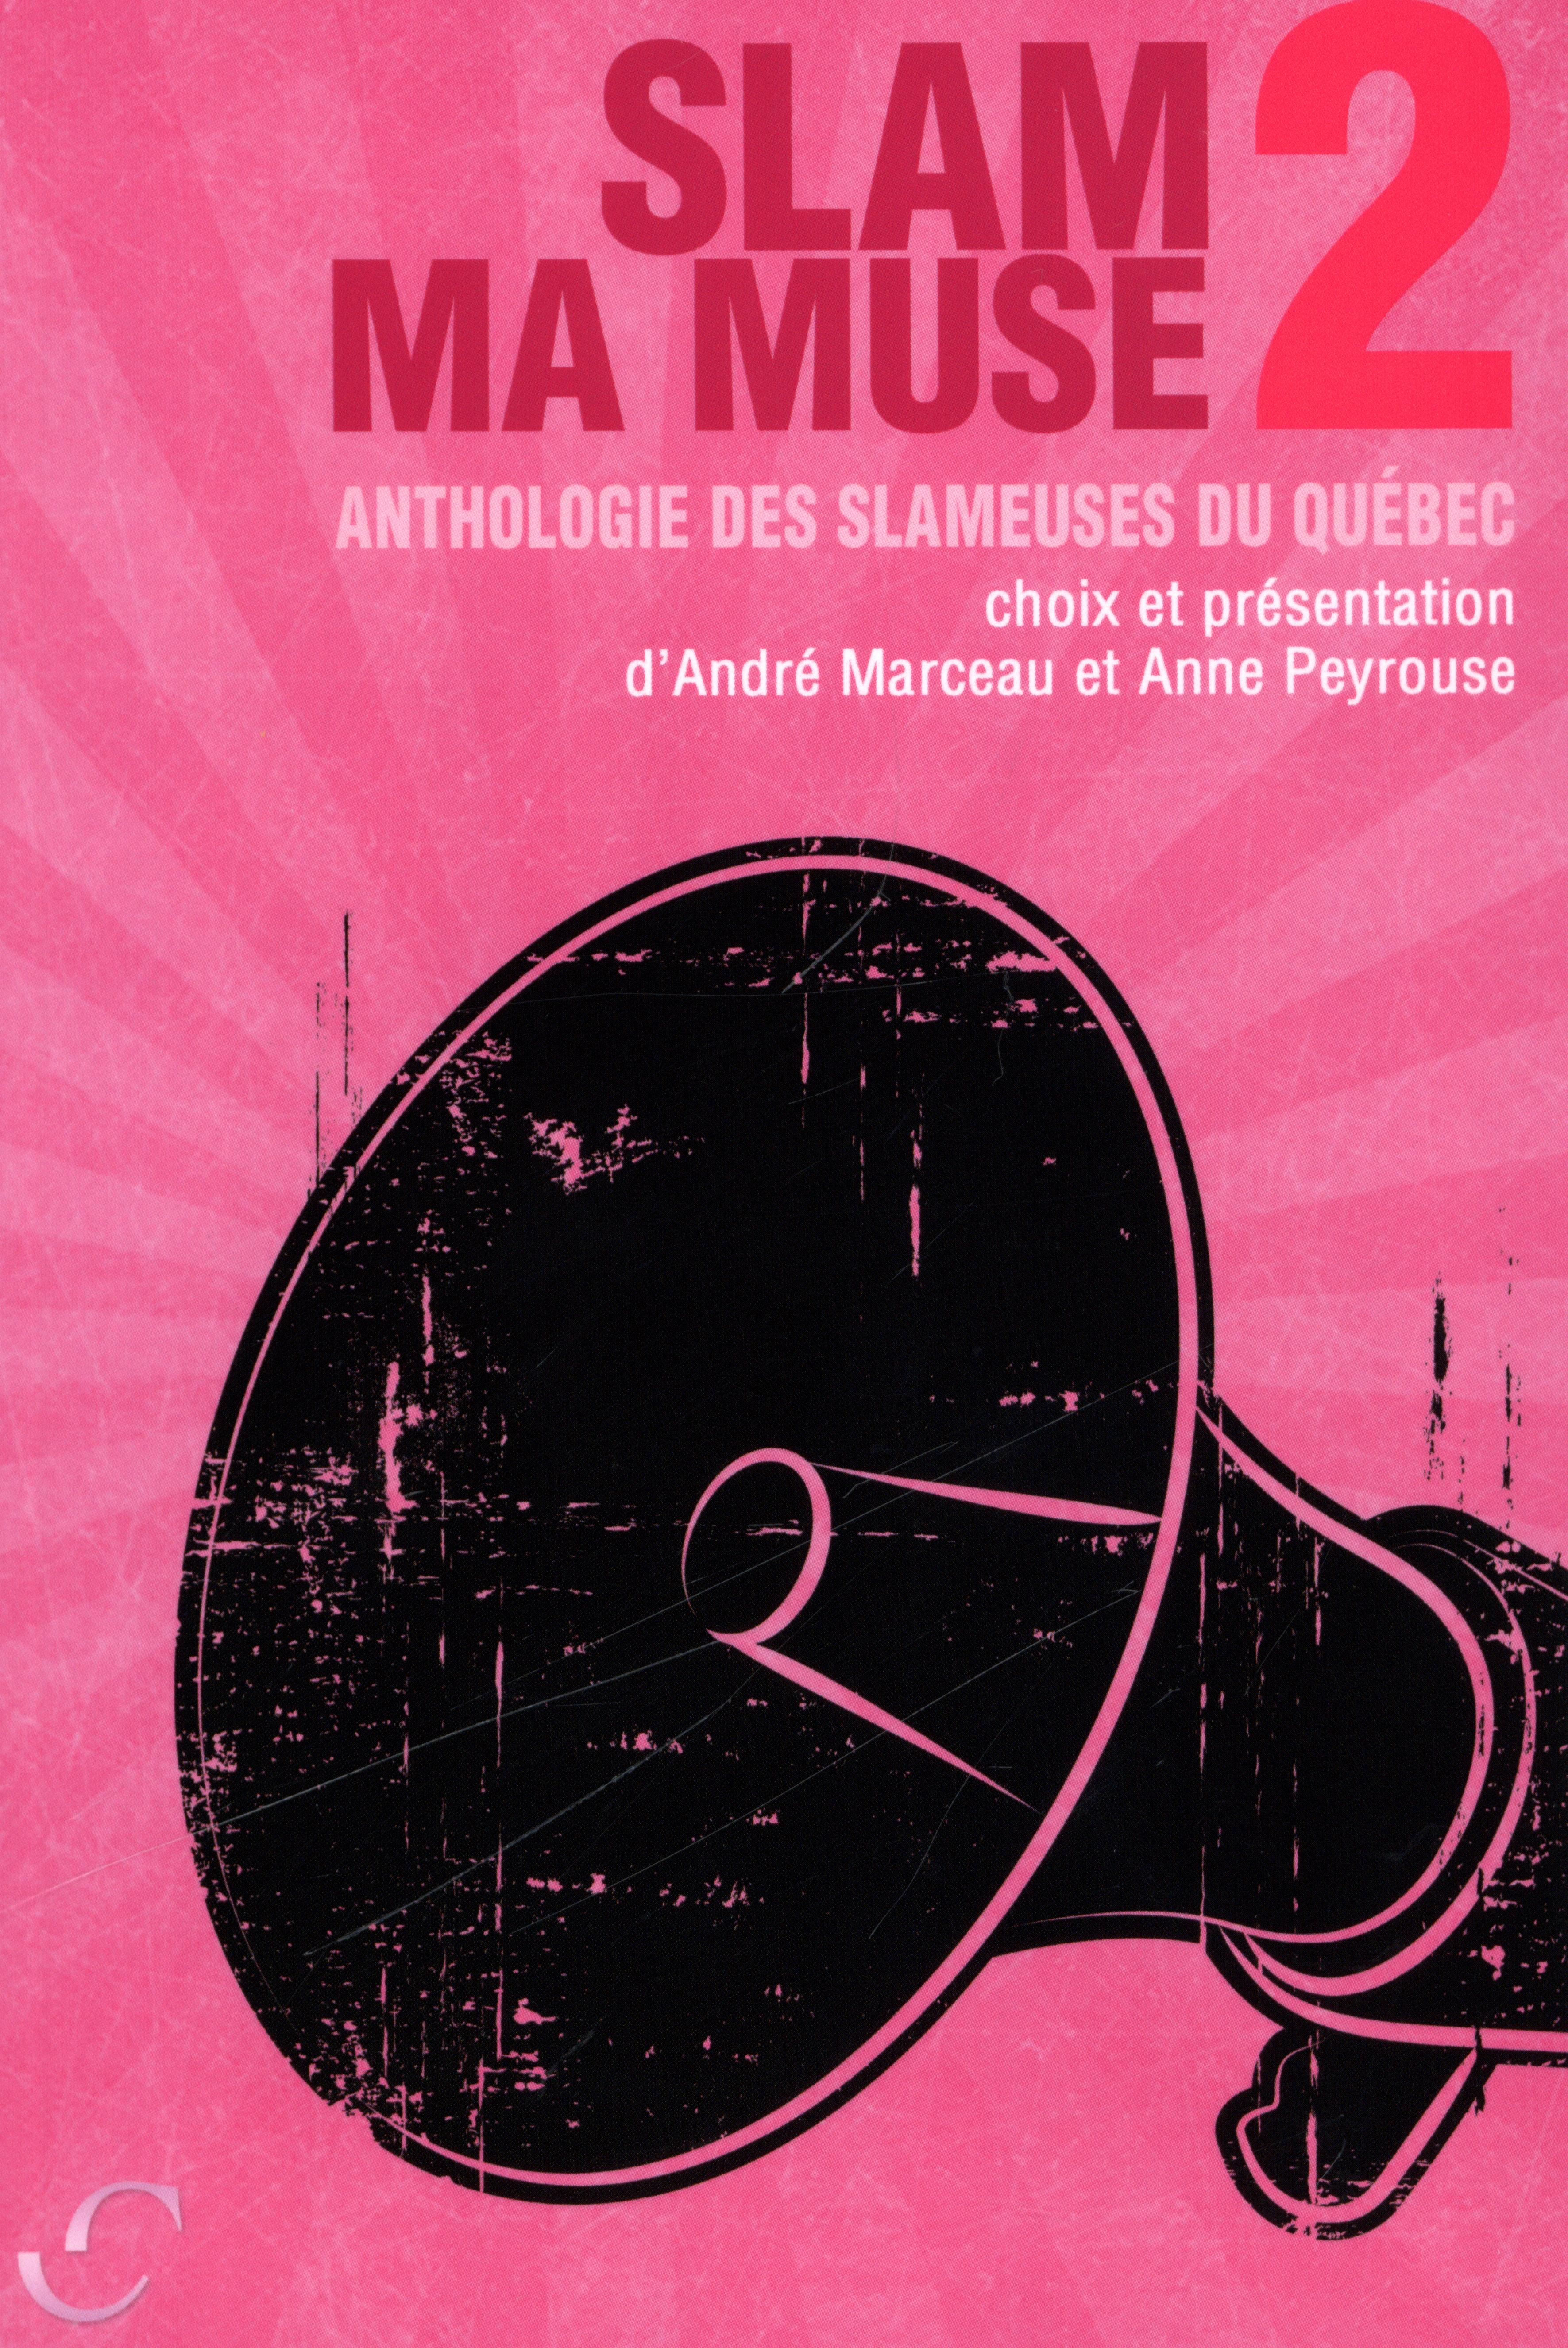 Slam ma muse 2 : Anthologie des slameuses du Québec